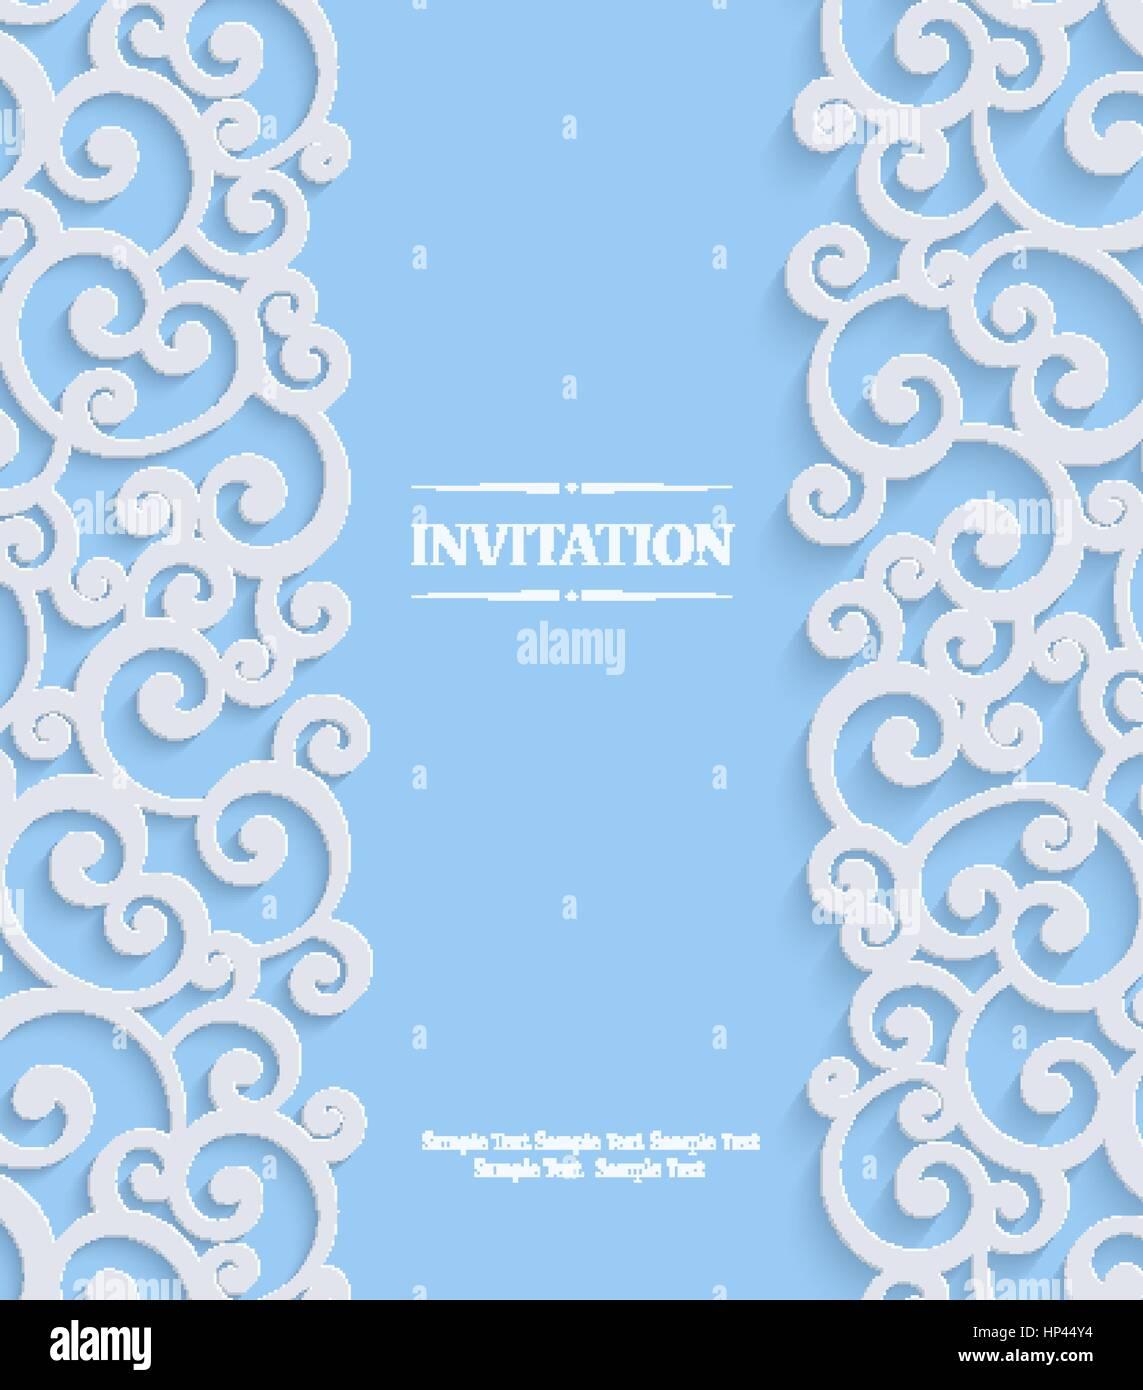 Blau 3d Wirbel Hochzeit Oder Einladungskarte Mit Floralen Curl Muster,  Weihnachten Vektor Vorlagenhintergrund